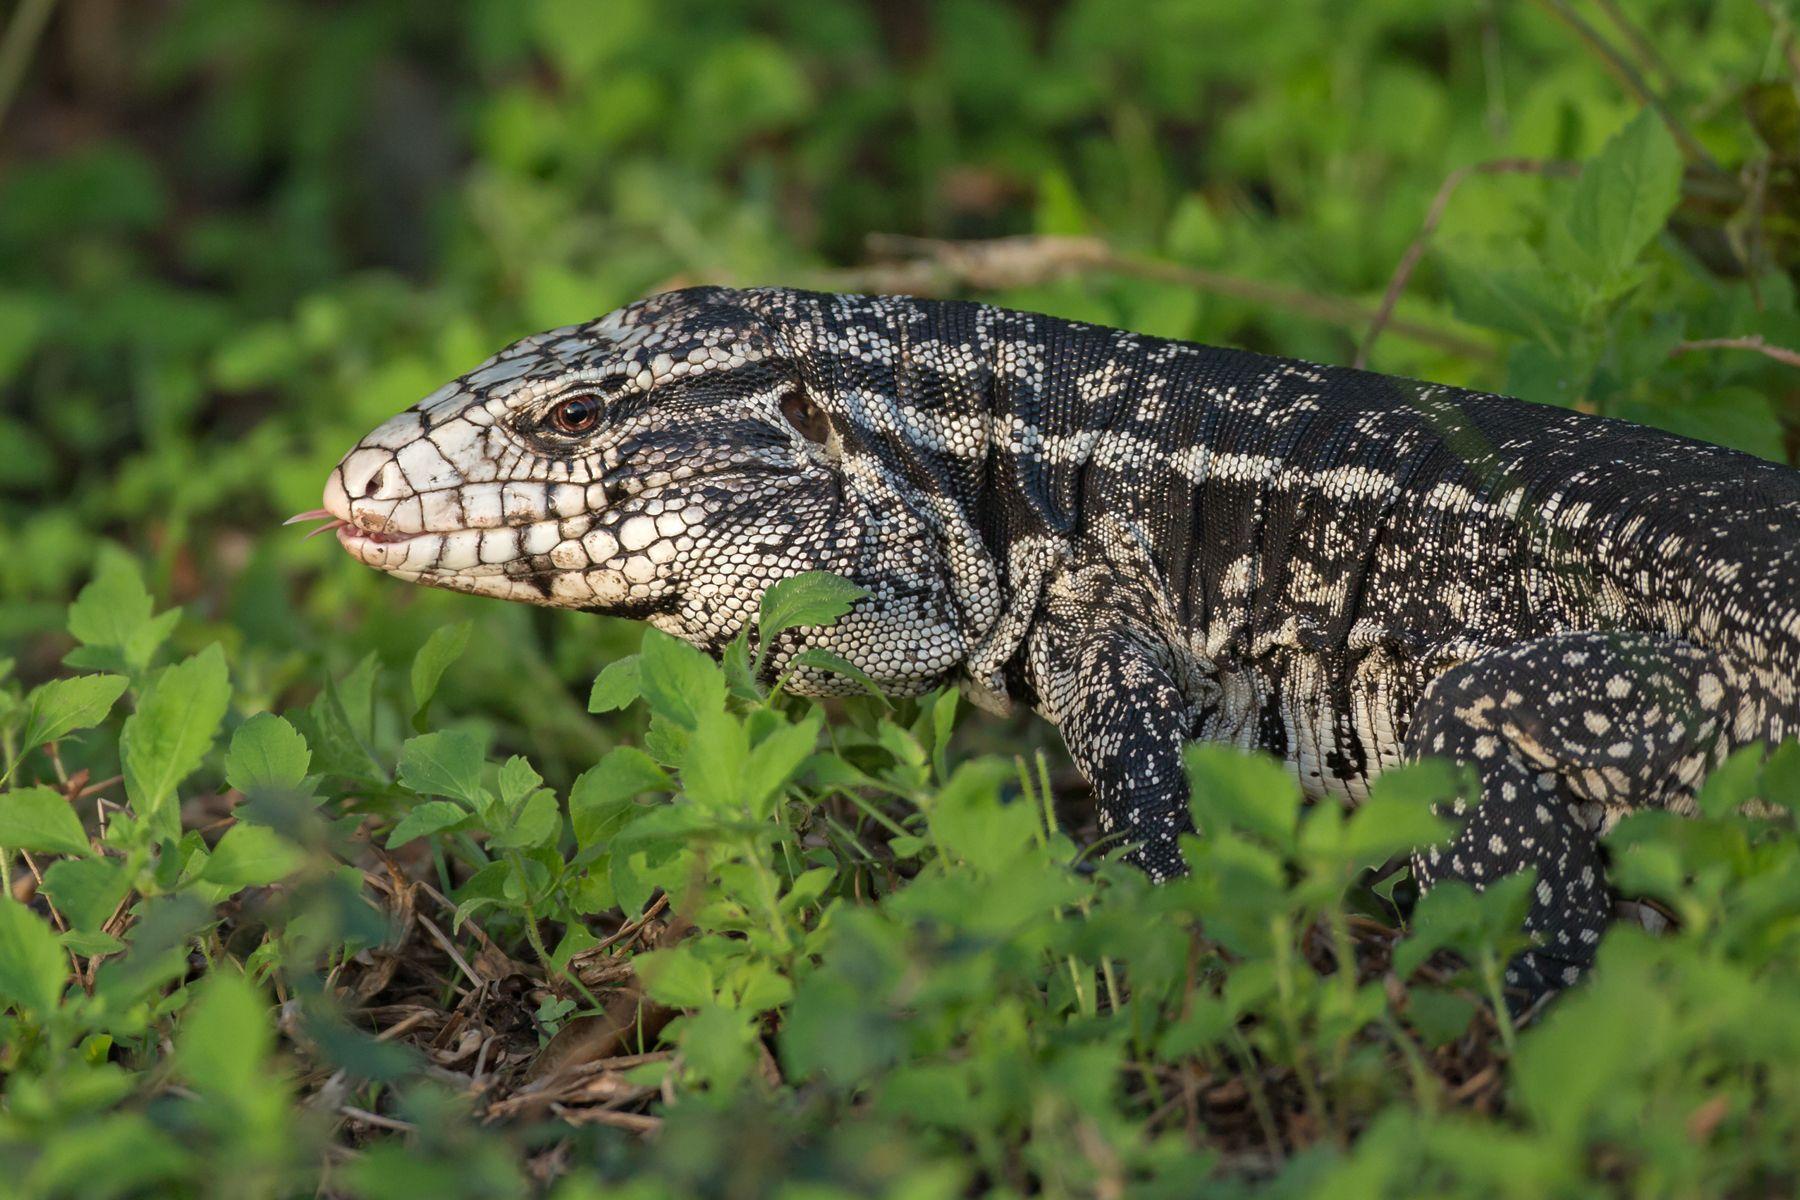 The huge Black-and-white Tegu lizard